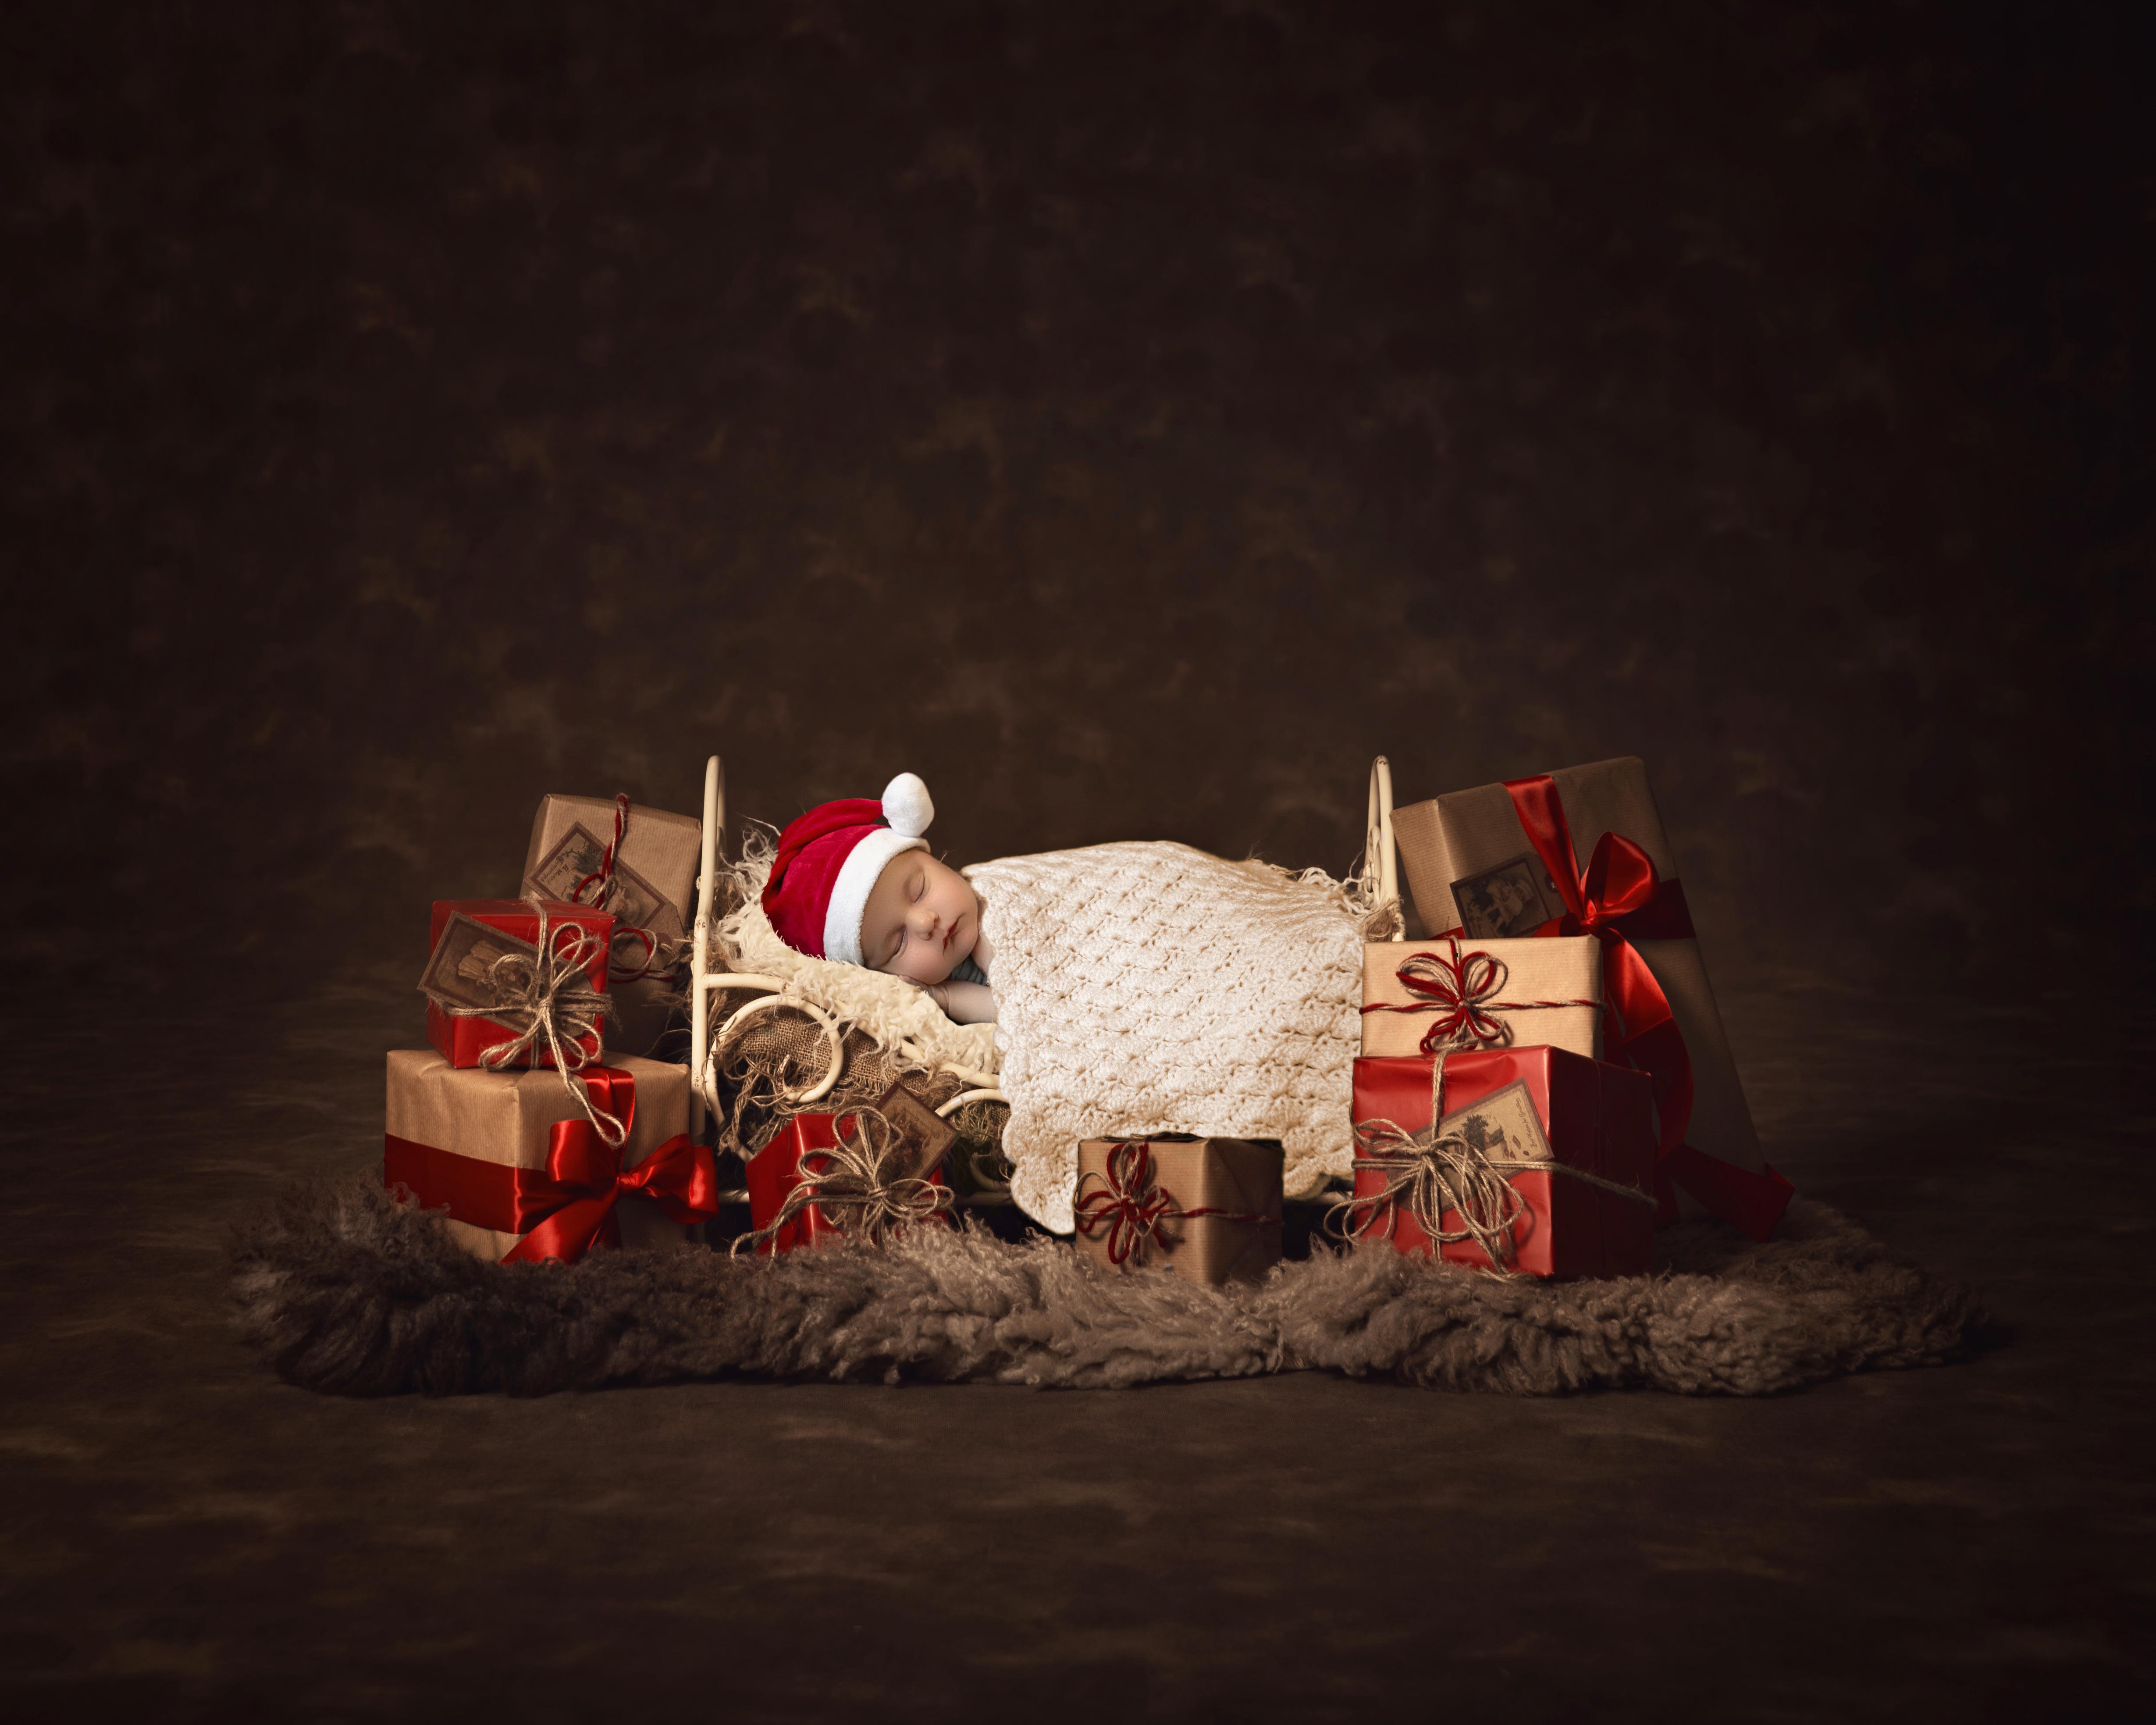 ChristmasIronBedGiftsWithDarkBackground2